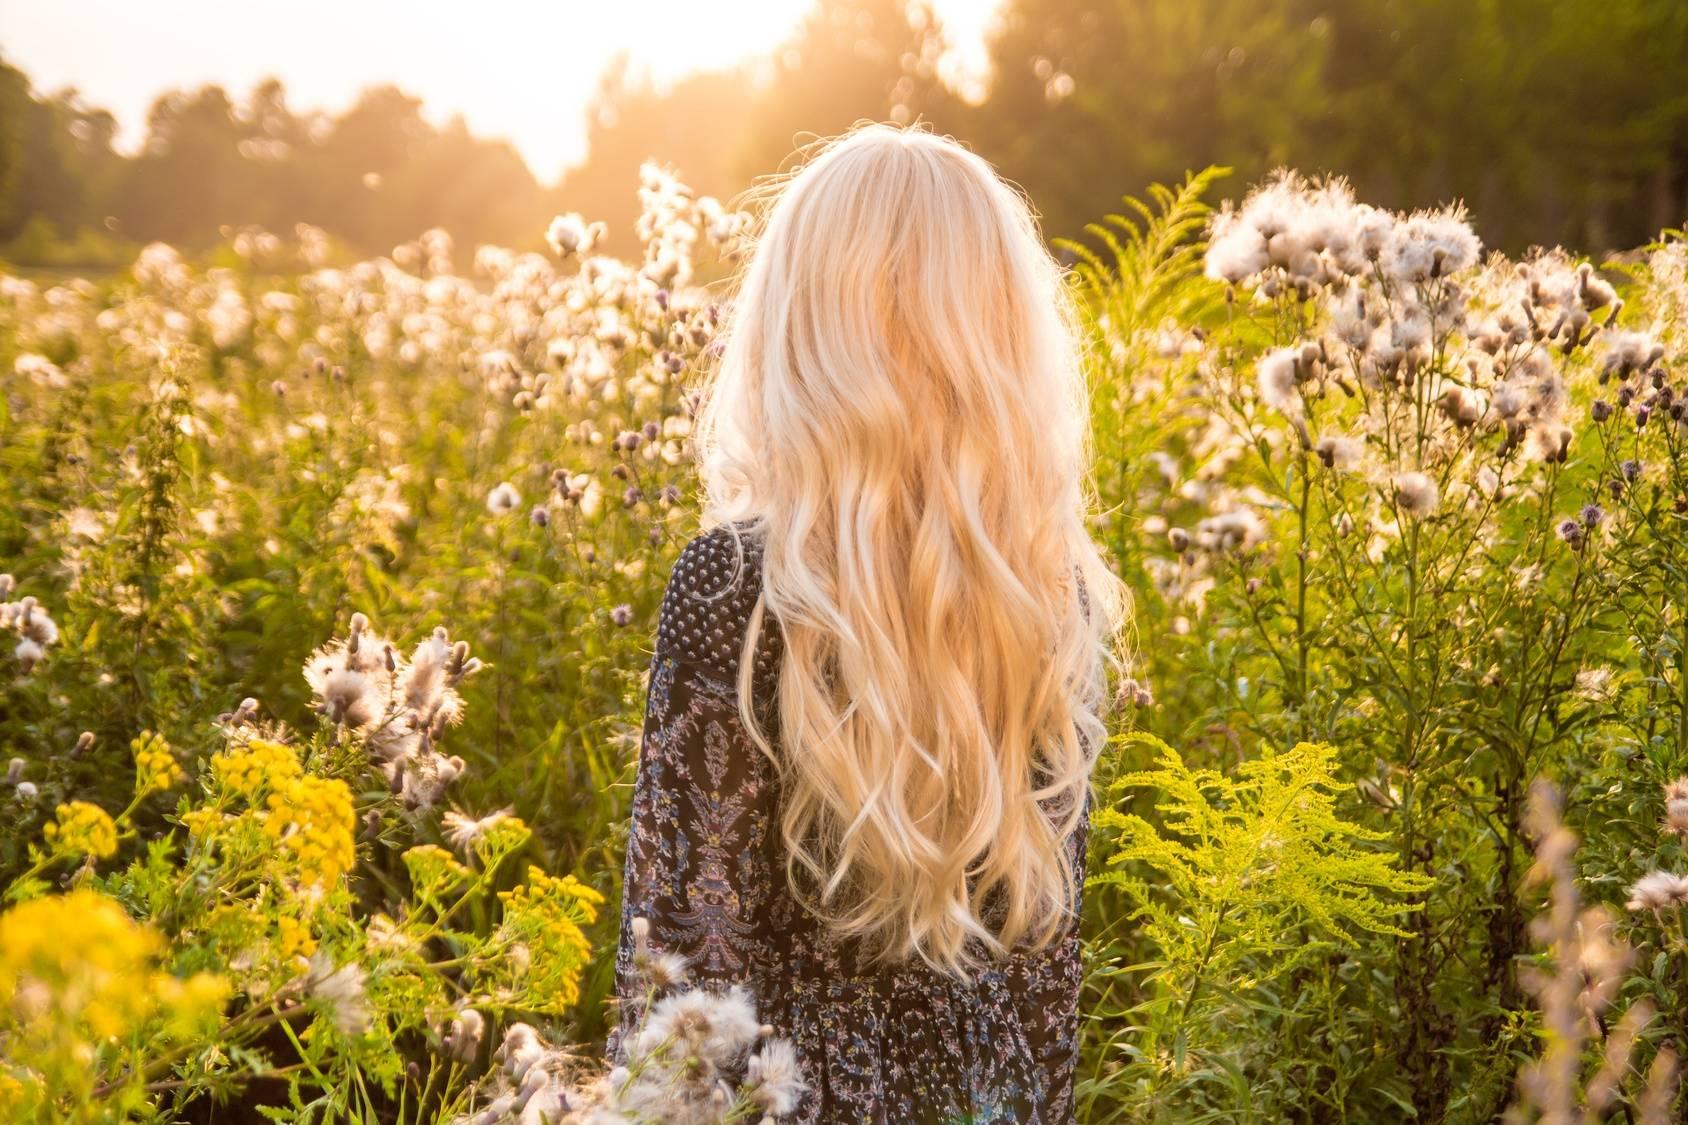 Domowe sposoby na alergię na pyłki. Atrakcyjna, młoda dziewczyna o długich blond włosach stoi na łące, zwrócona tyłem do aparatu.